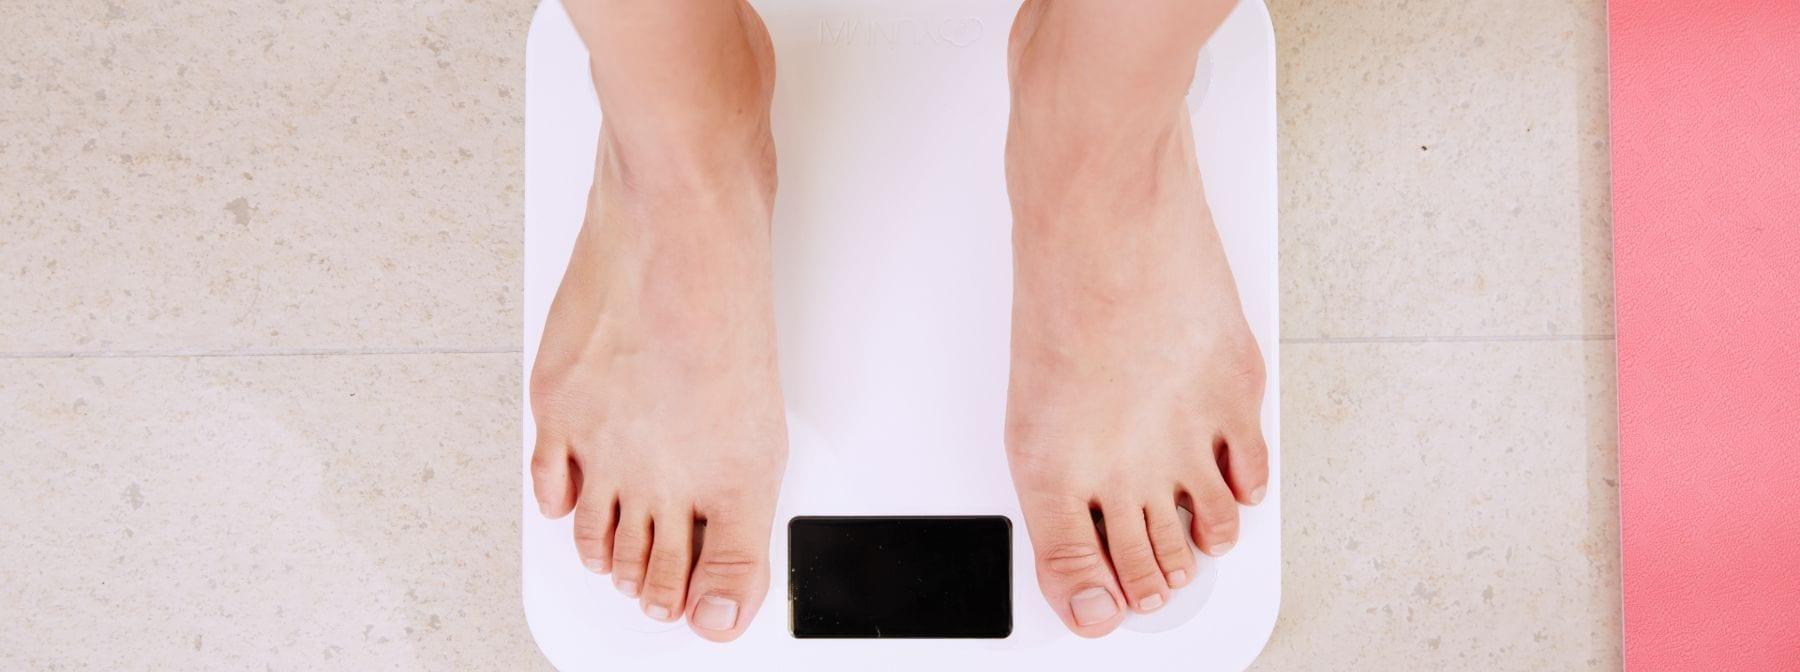 Melyik a fontosabb, ha a fogyás a cél: a diéta vagy a testmozgás?